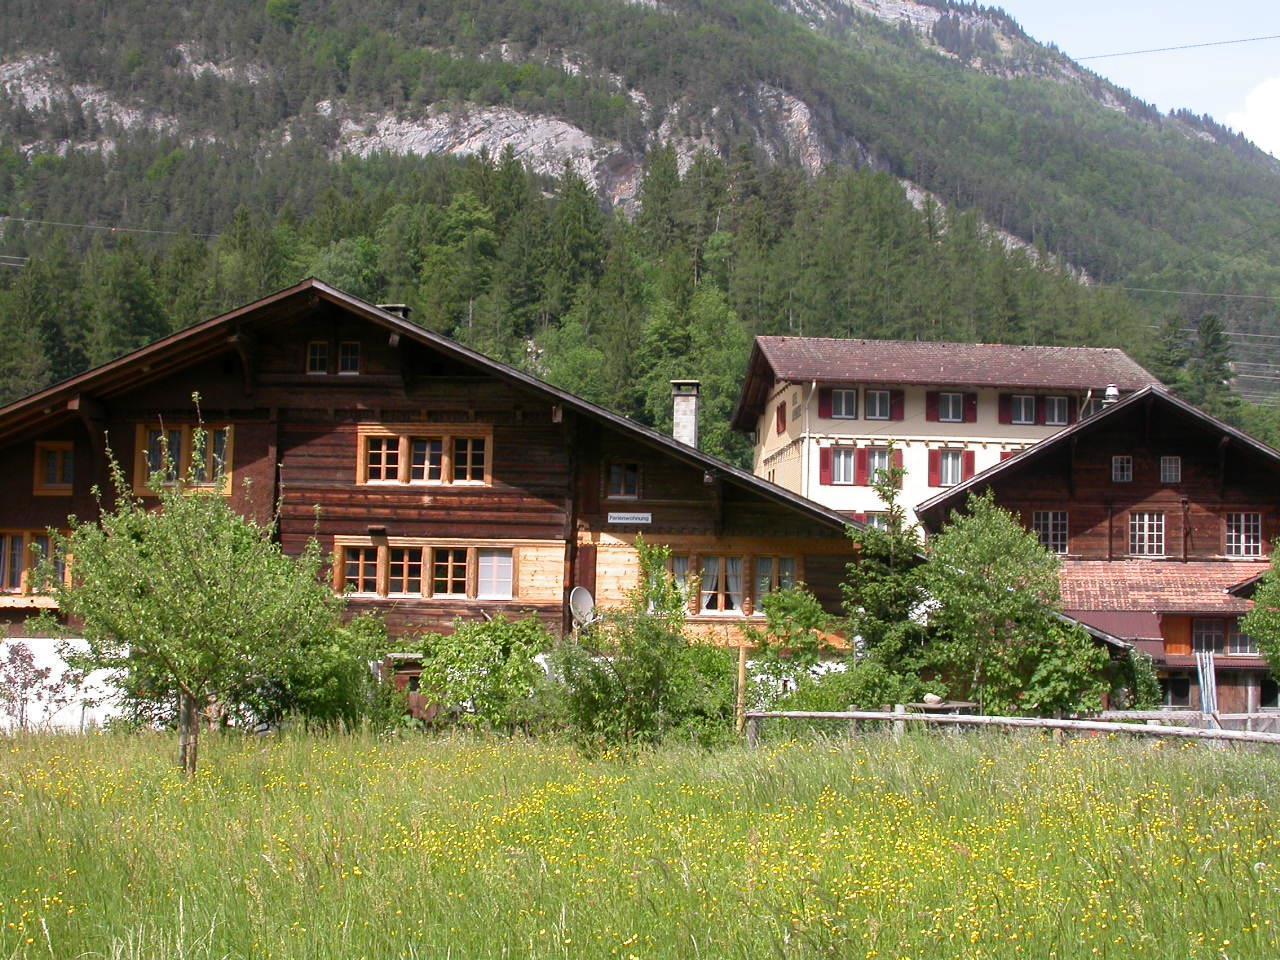 Ferienwohnung Darioli 5-Bettwohnung (2692273), Innertkirchen, Meiringen - Hasliberg, Berner Oberland, Schweiz, Bild 23